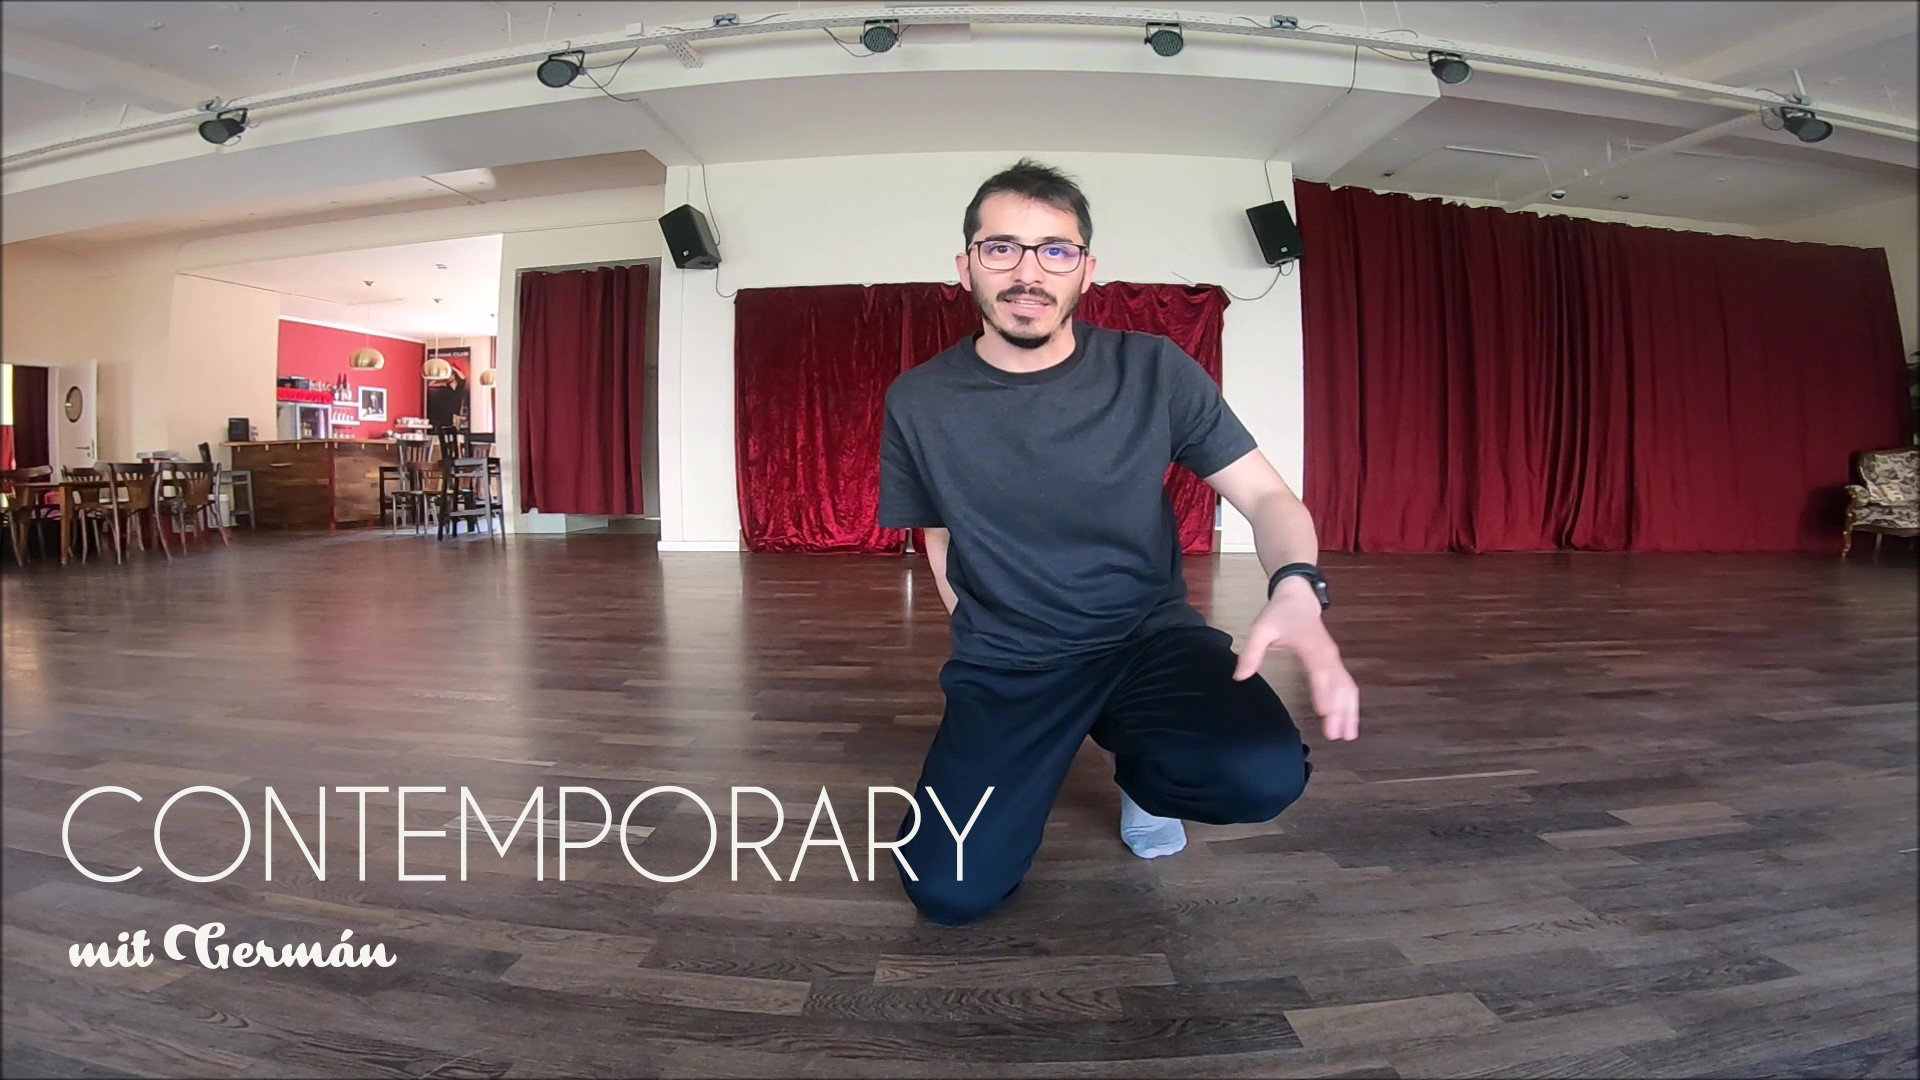 Contemporary-final